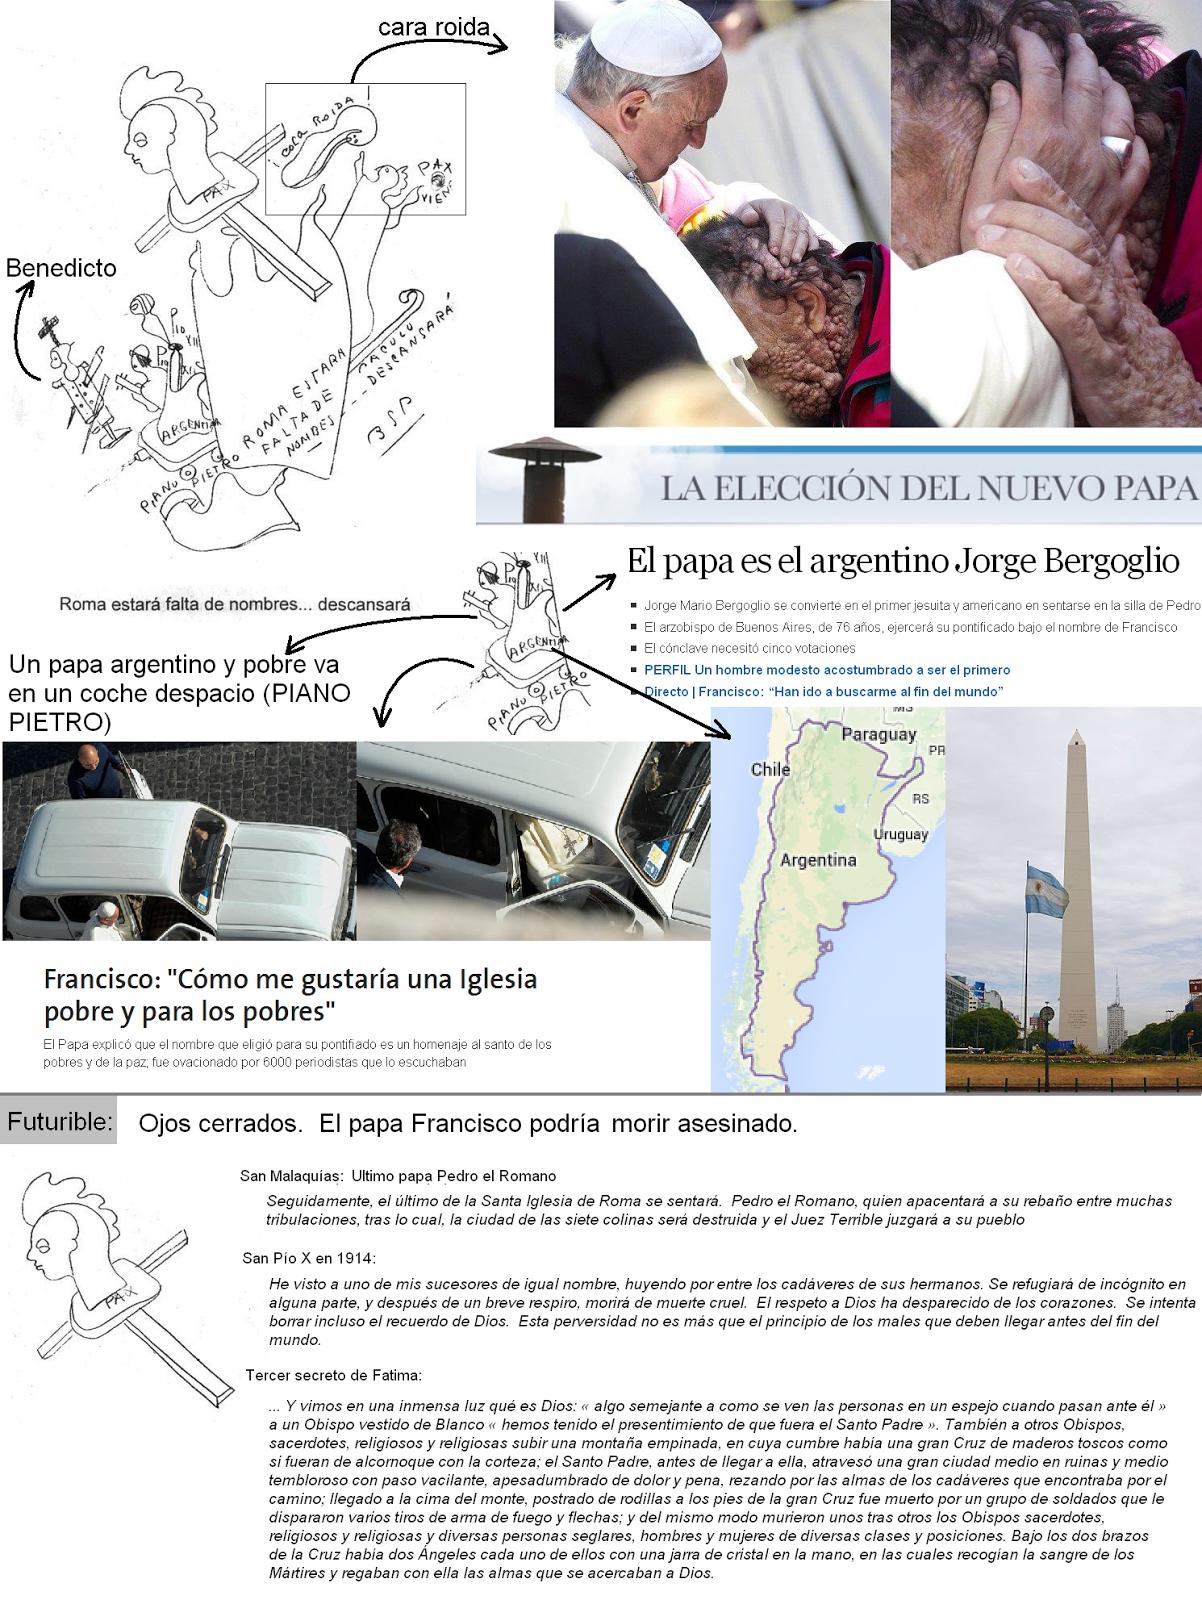 Papa Francisco = Gallo = Pedro. Para mi un acierto más de BSP - Página 5 PapaArgentino